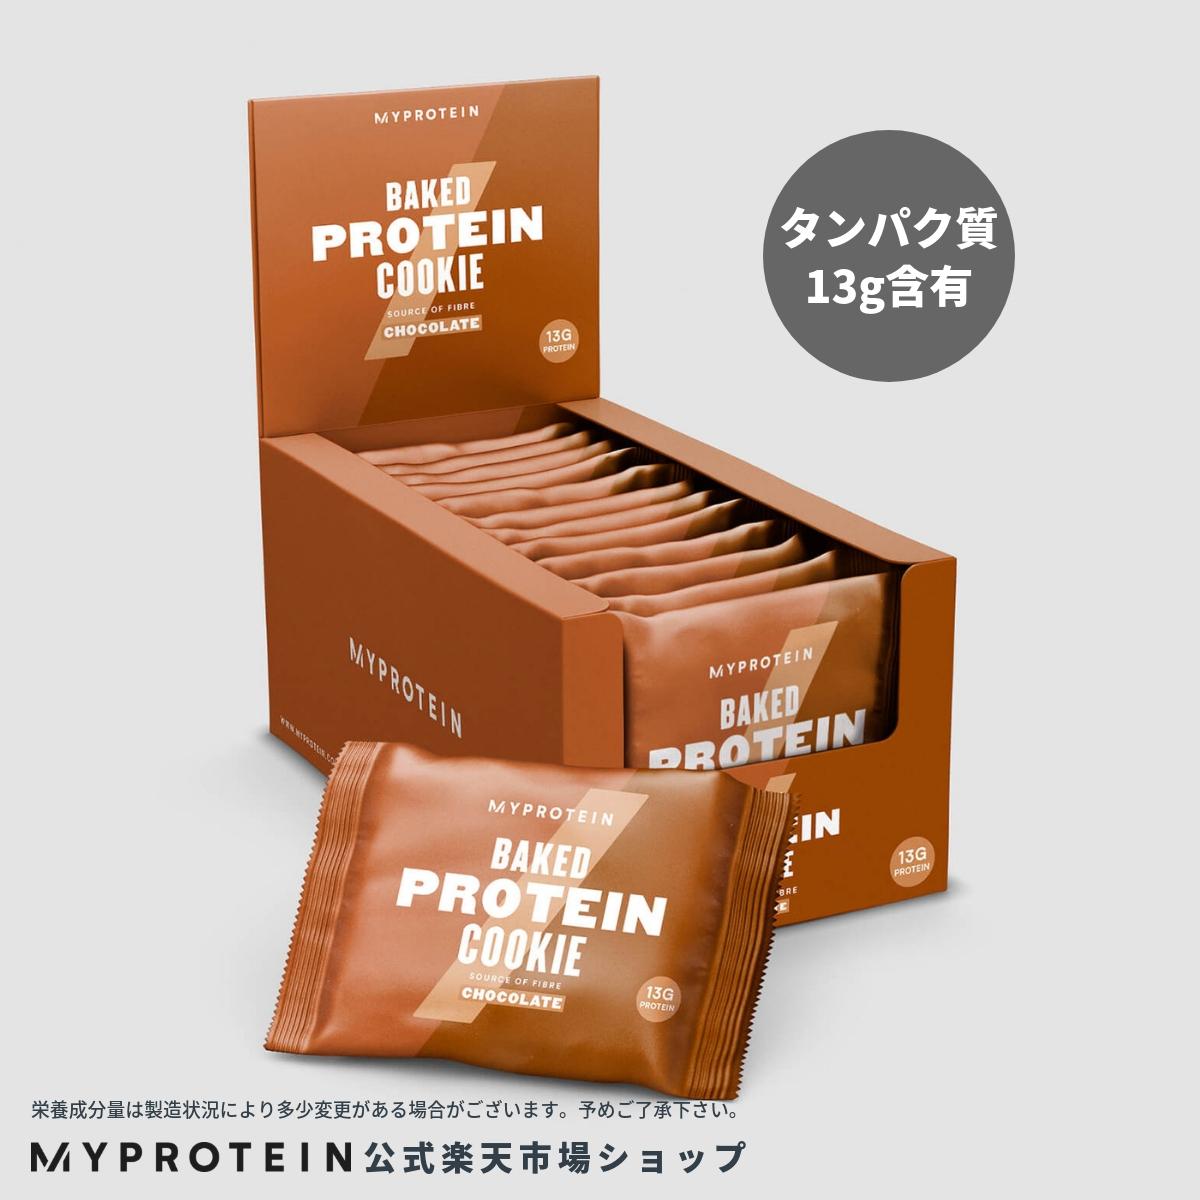 マイプロテイン 公式 【MyProtein】 ベイクド プロテイン クッキー 12個入| プロテインバー プロテインスナック 高たんぱく 食物繊維